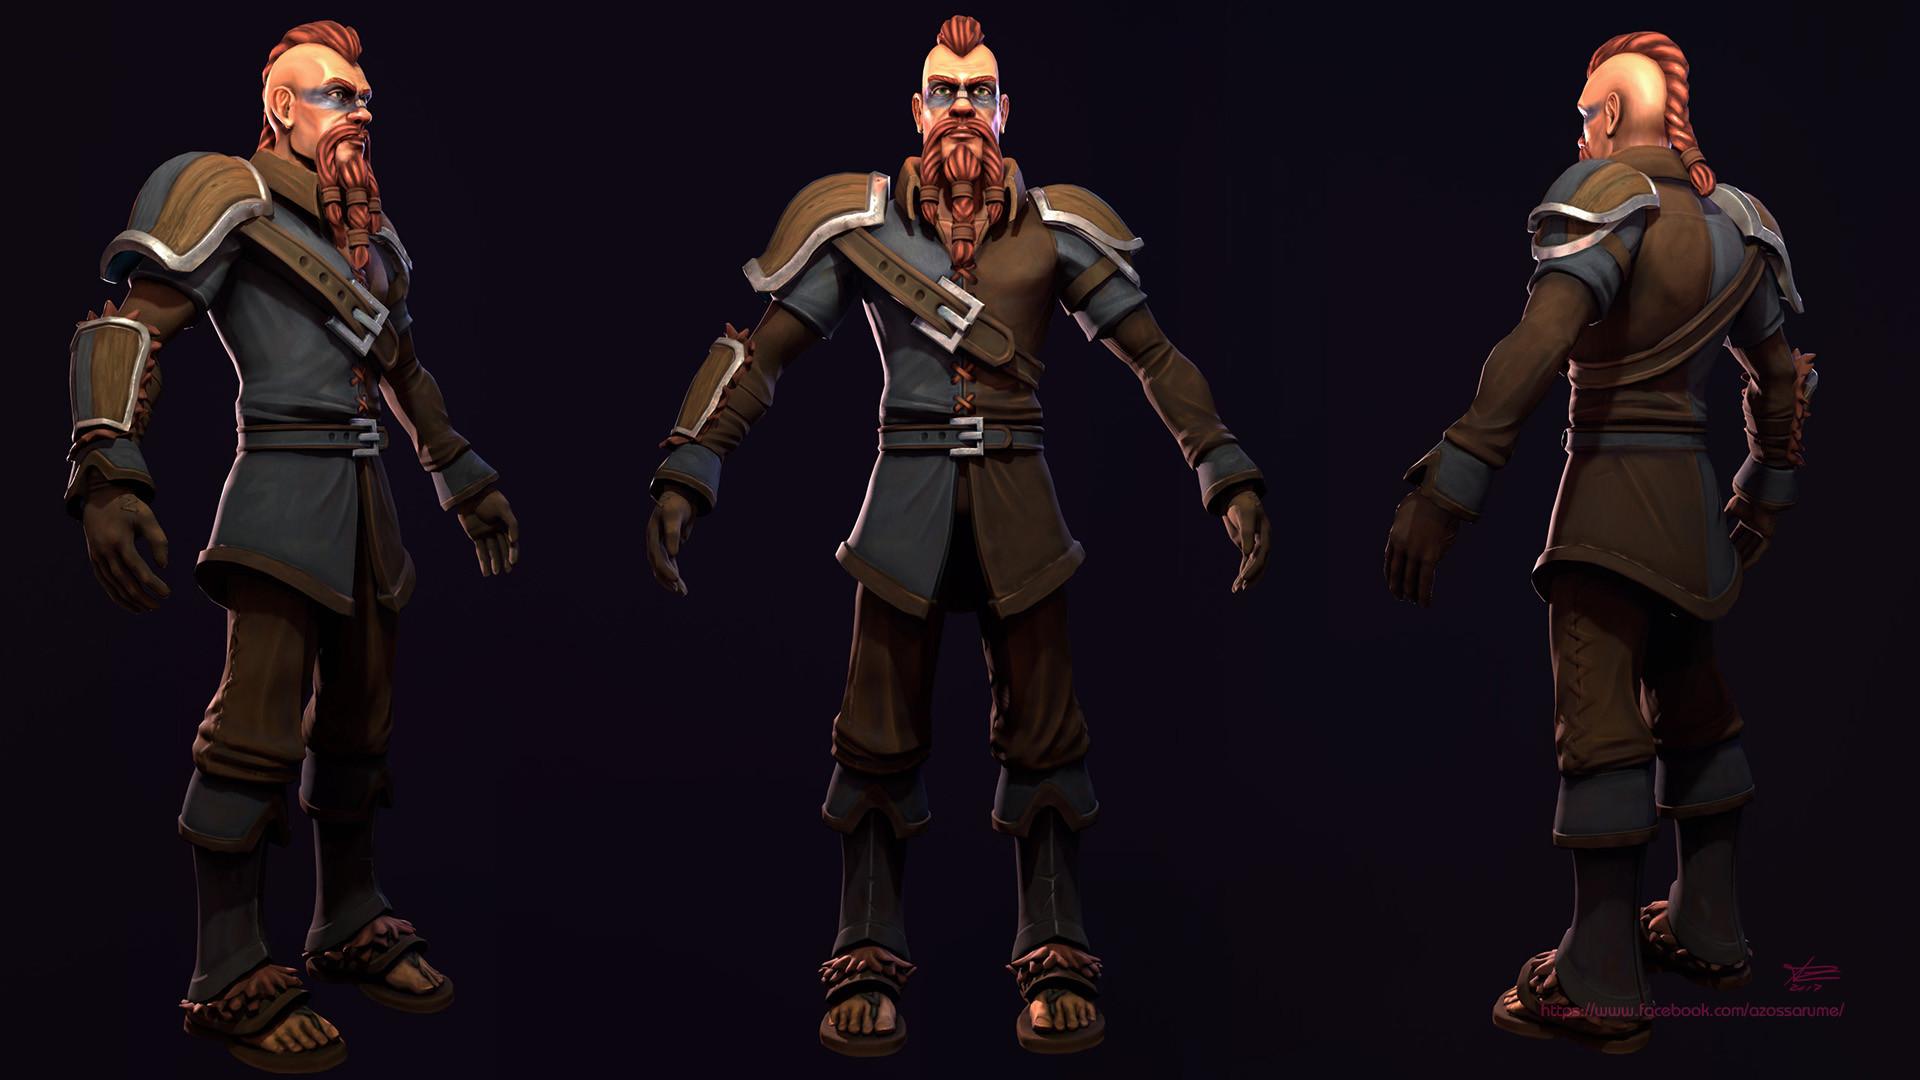 Azoss Arume - Viking - Game Ready - Stylized Character